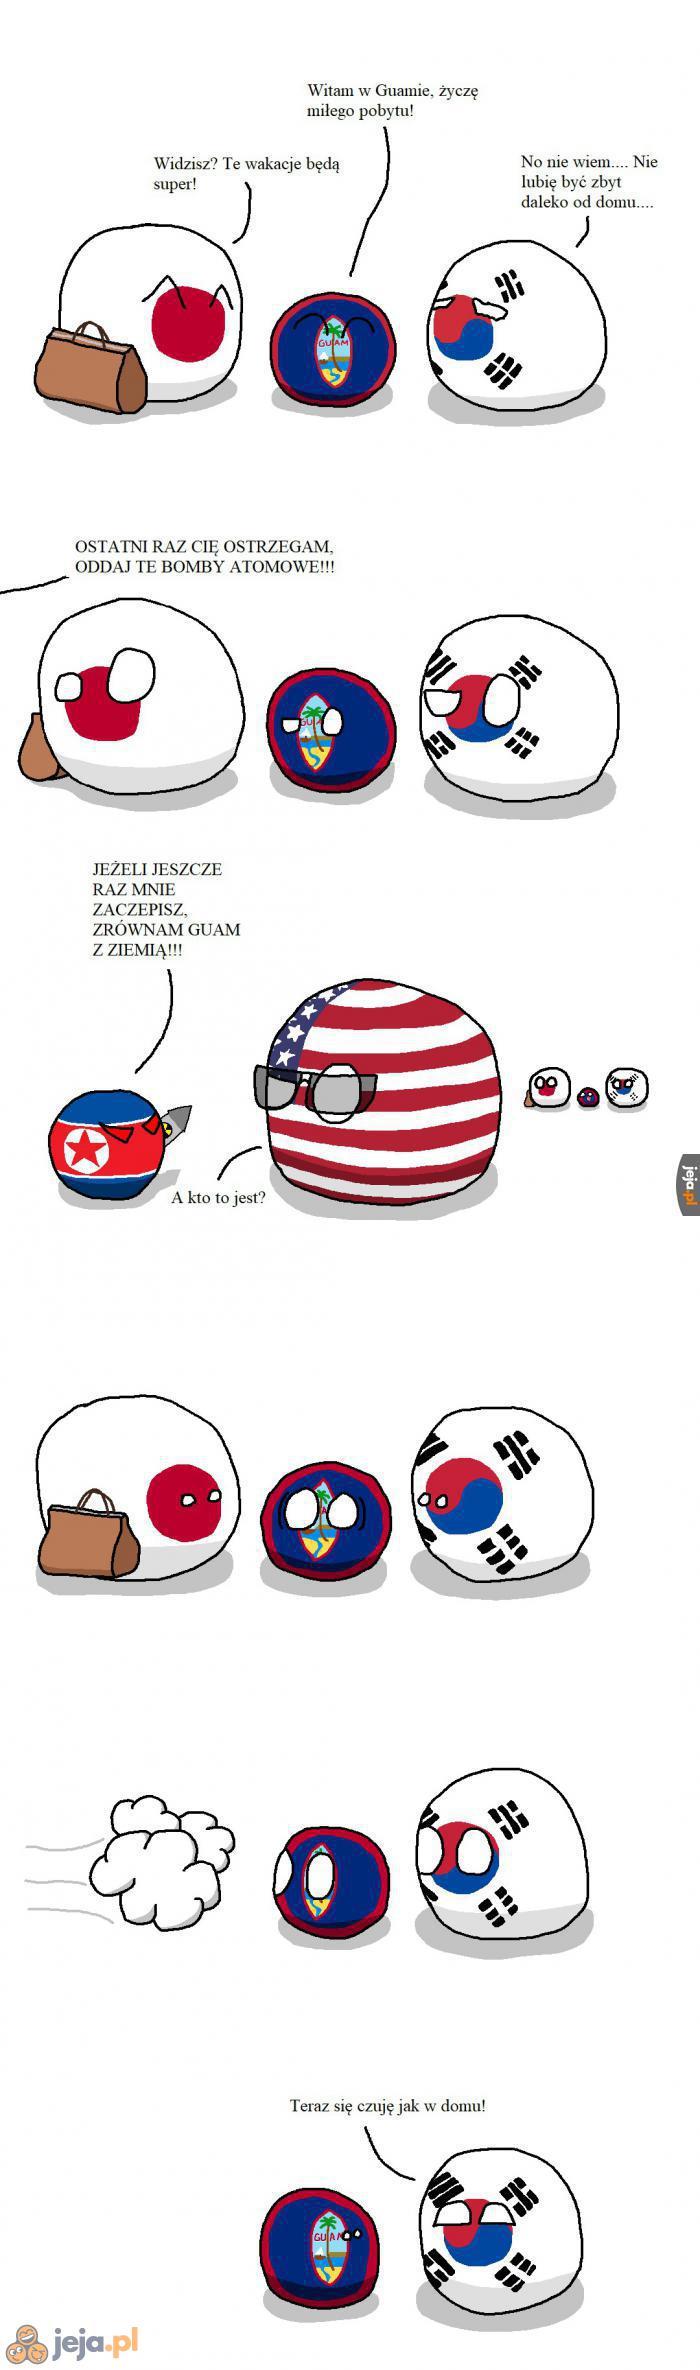 Azjatyckie rozterki